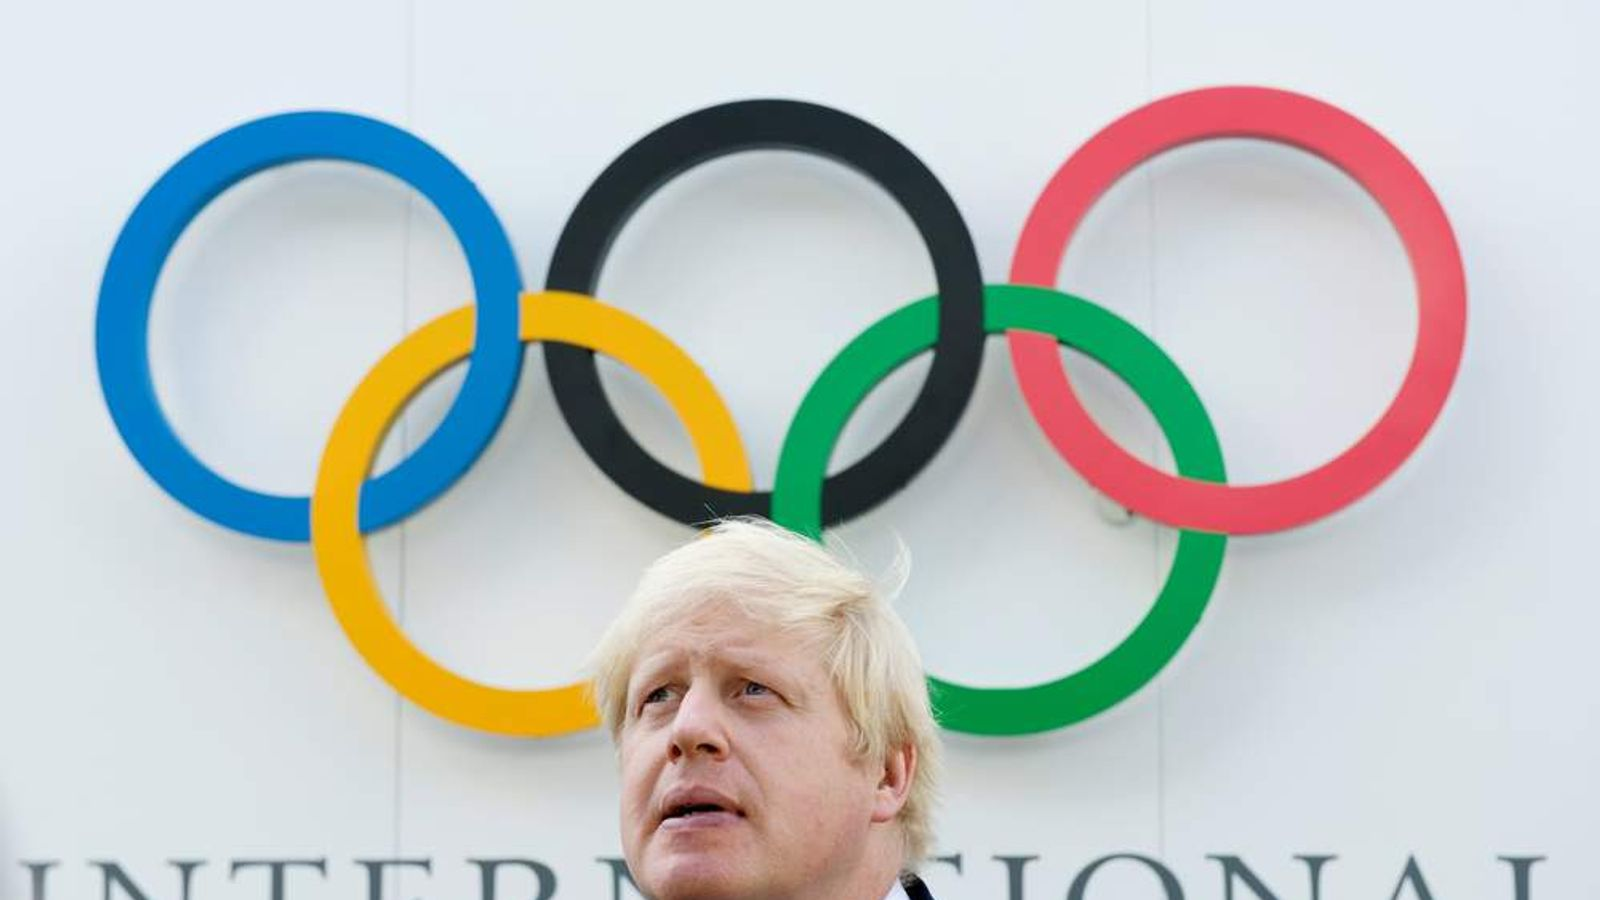 Boris Johnson and Olympic rings